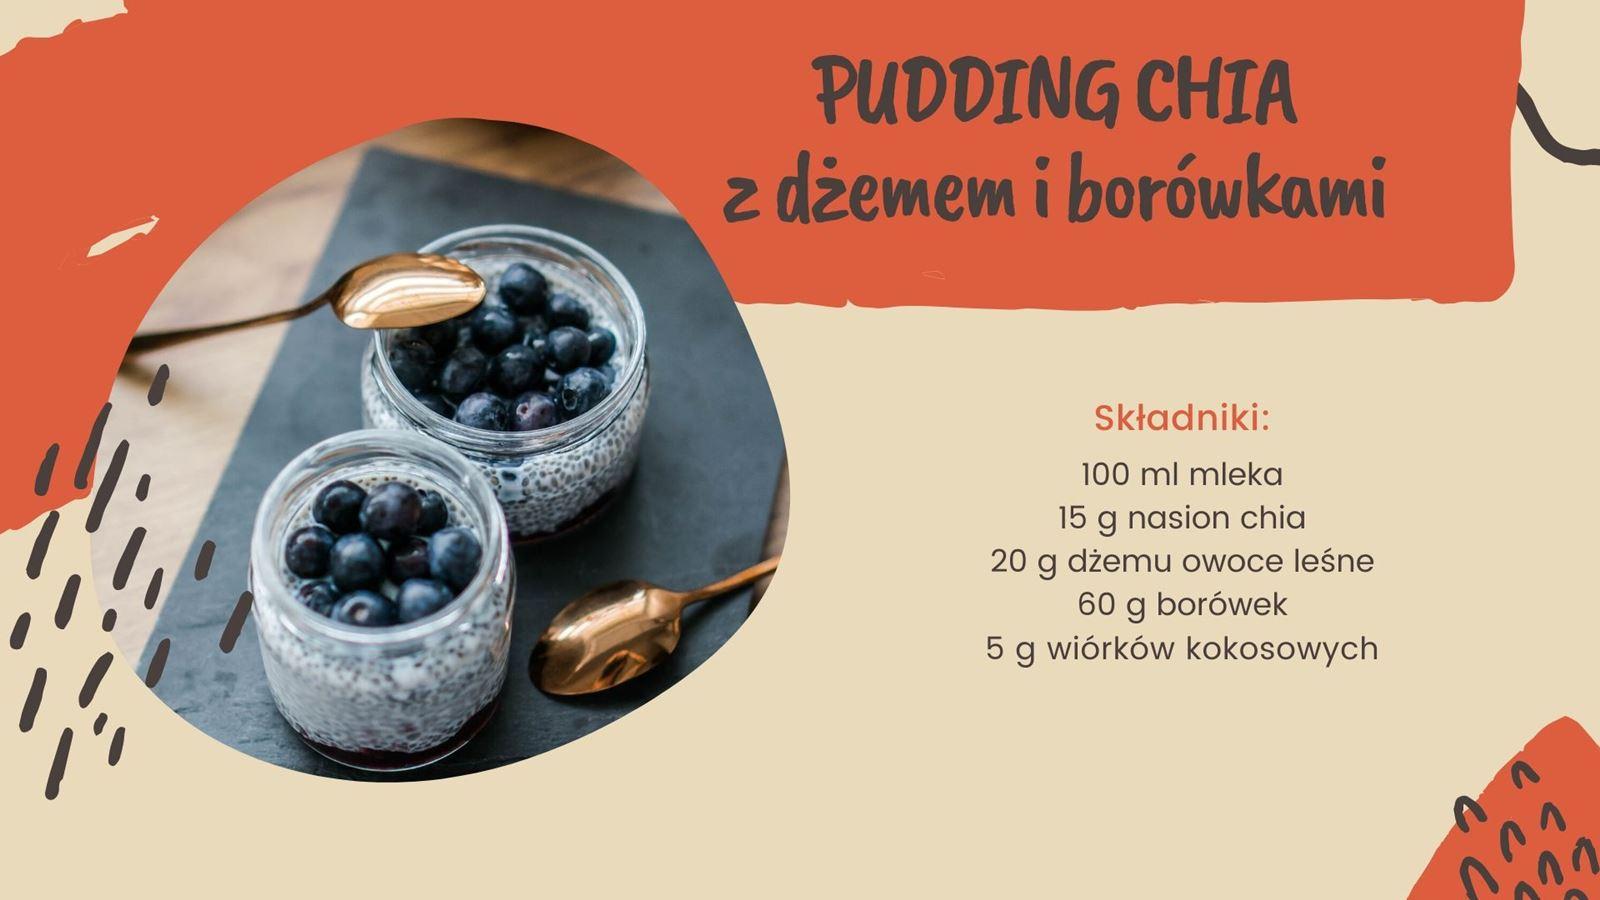 11 jak zrobić zdrowy i szybki deser z nasionami chia pudding chia przepis jak przygotować z truskawkami, pomysł na łatwy deser na sniadanie how make easy health pudding chia receipes